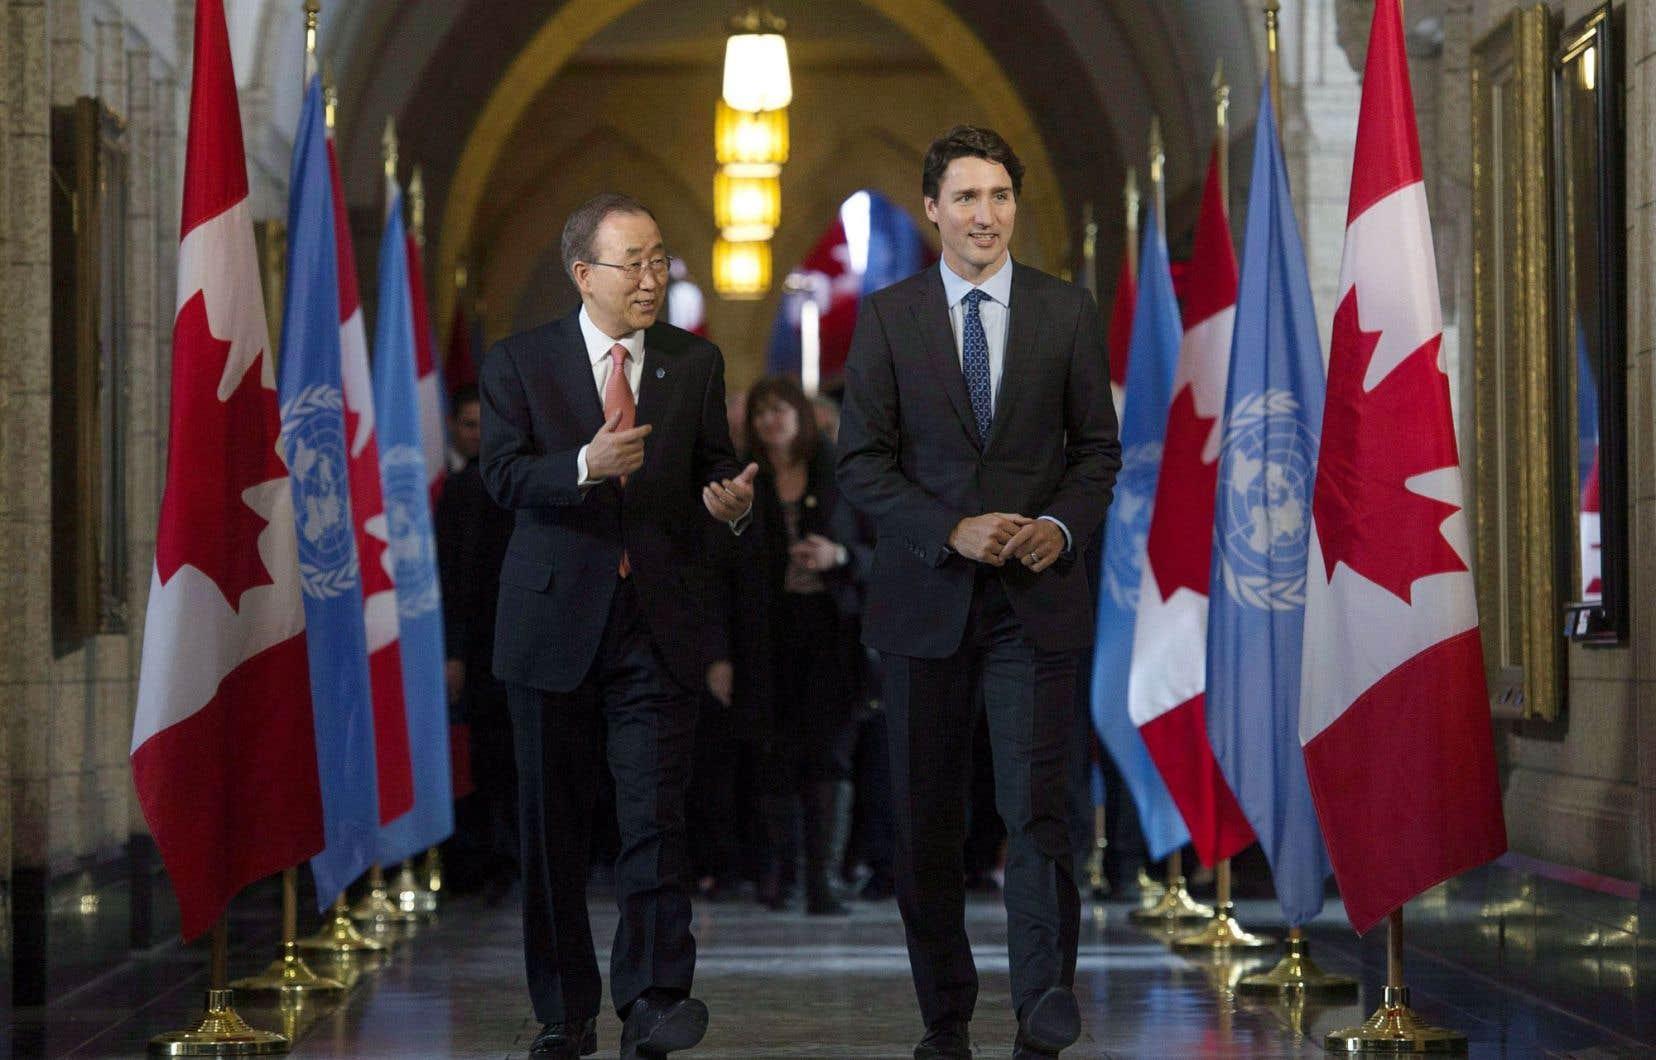 Le secrétaire général des Nations unies était en visite à Ottawa jeudi alors que le gouvernement Trudeau planche sur une nouvelle politique d'implication dans les missions de paix.